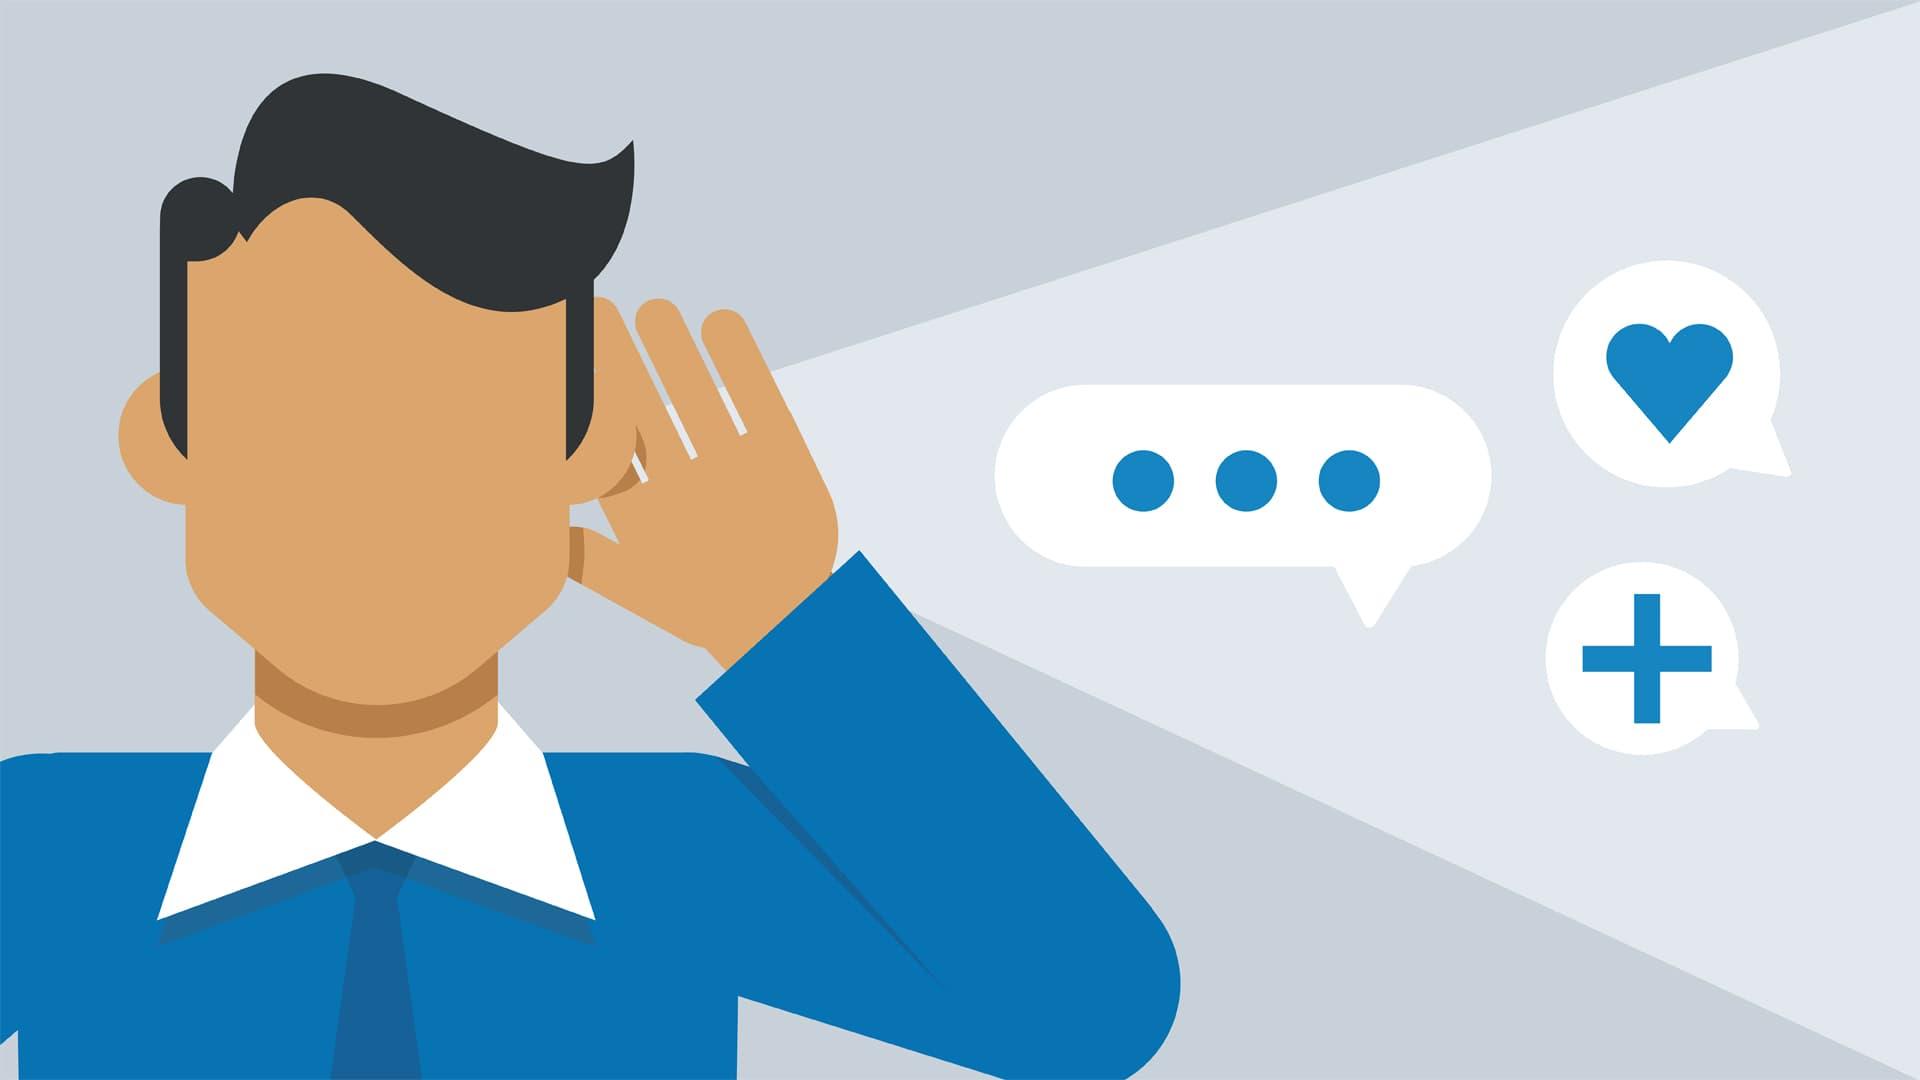 چطور نیاز مشتری هایمان را بشناسیم؟ ترفندی ساده اما کارآمد